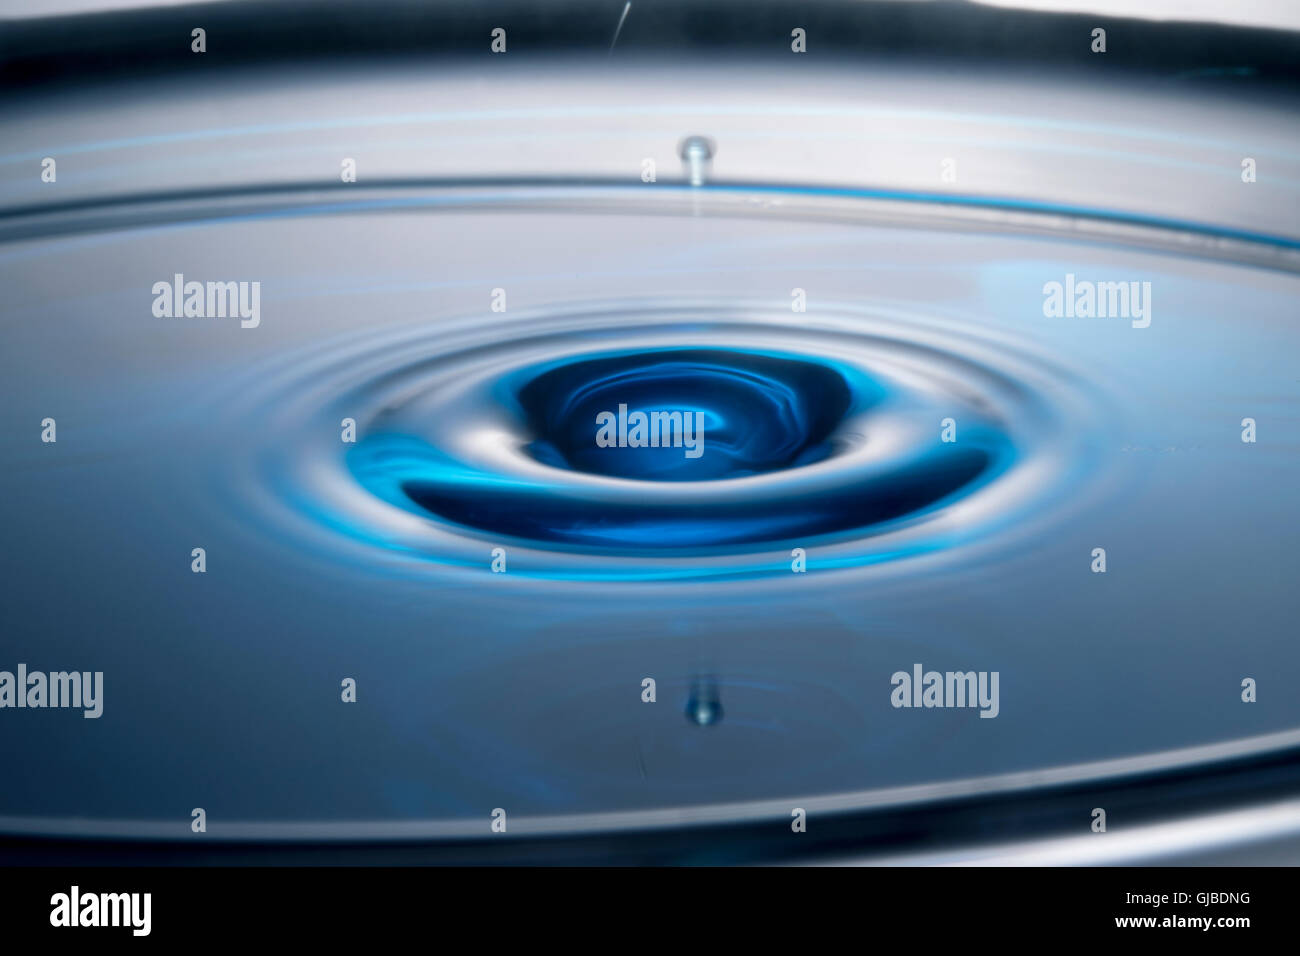 Gota de agua y rizado Imagen De Stock